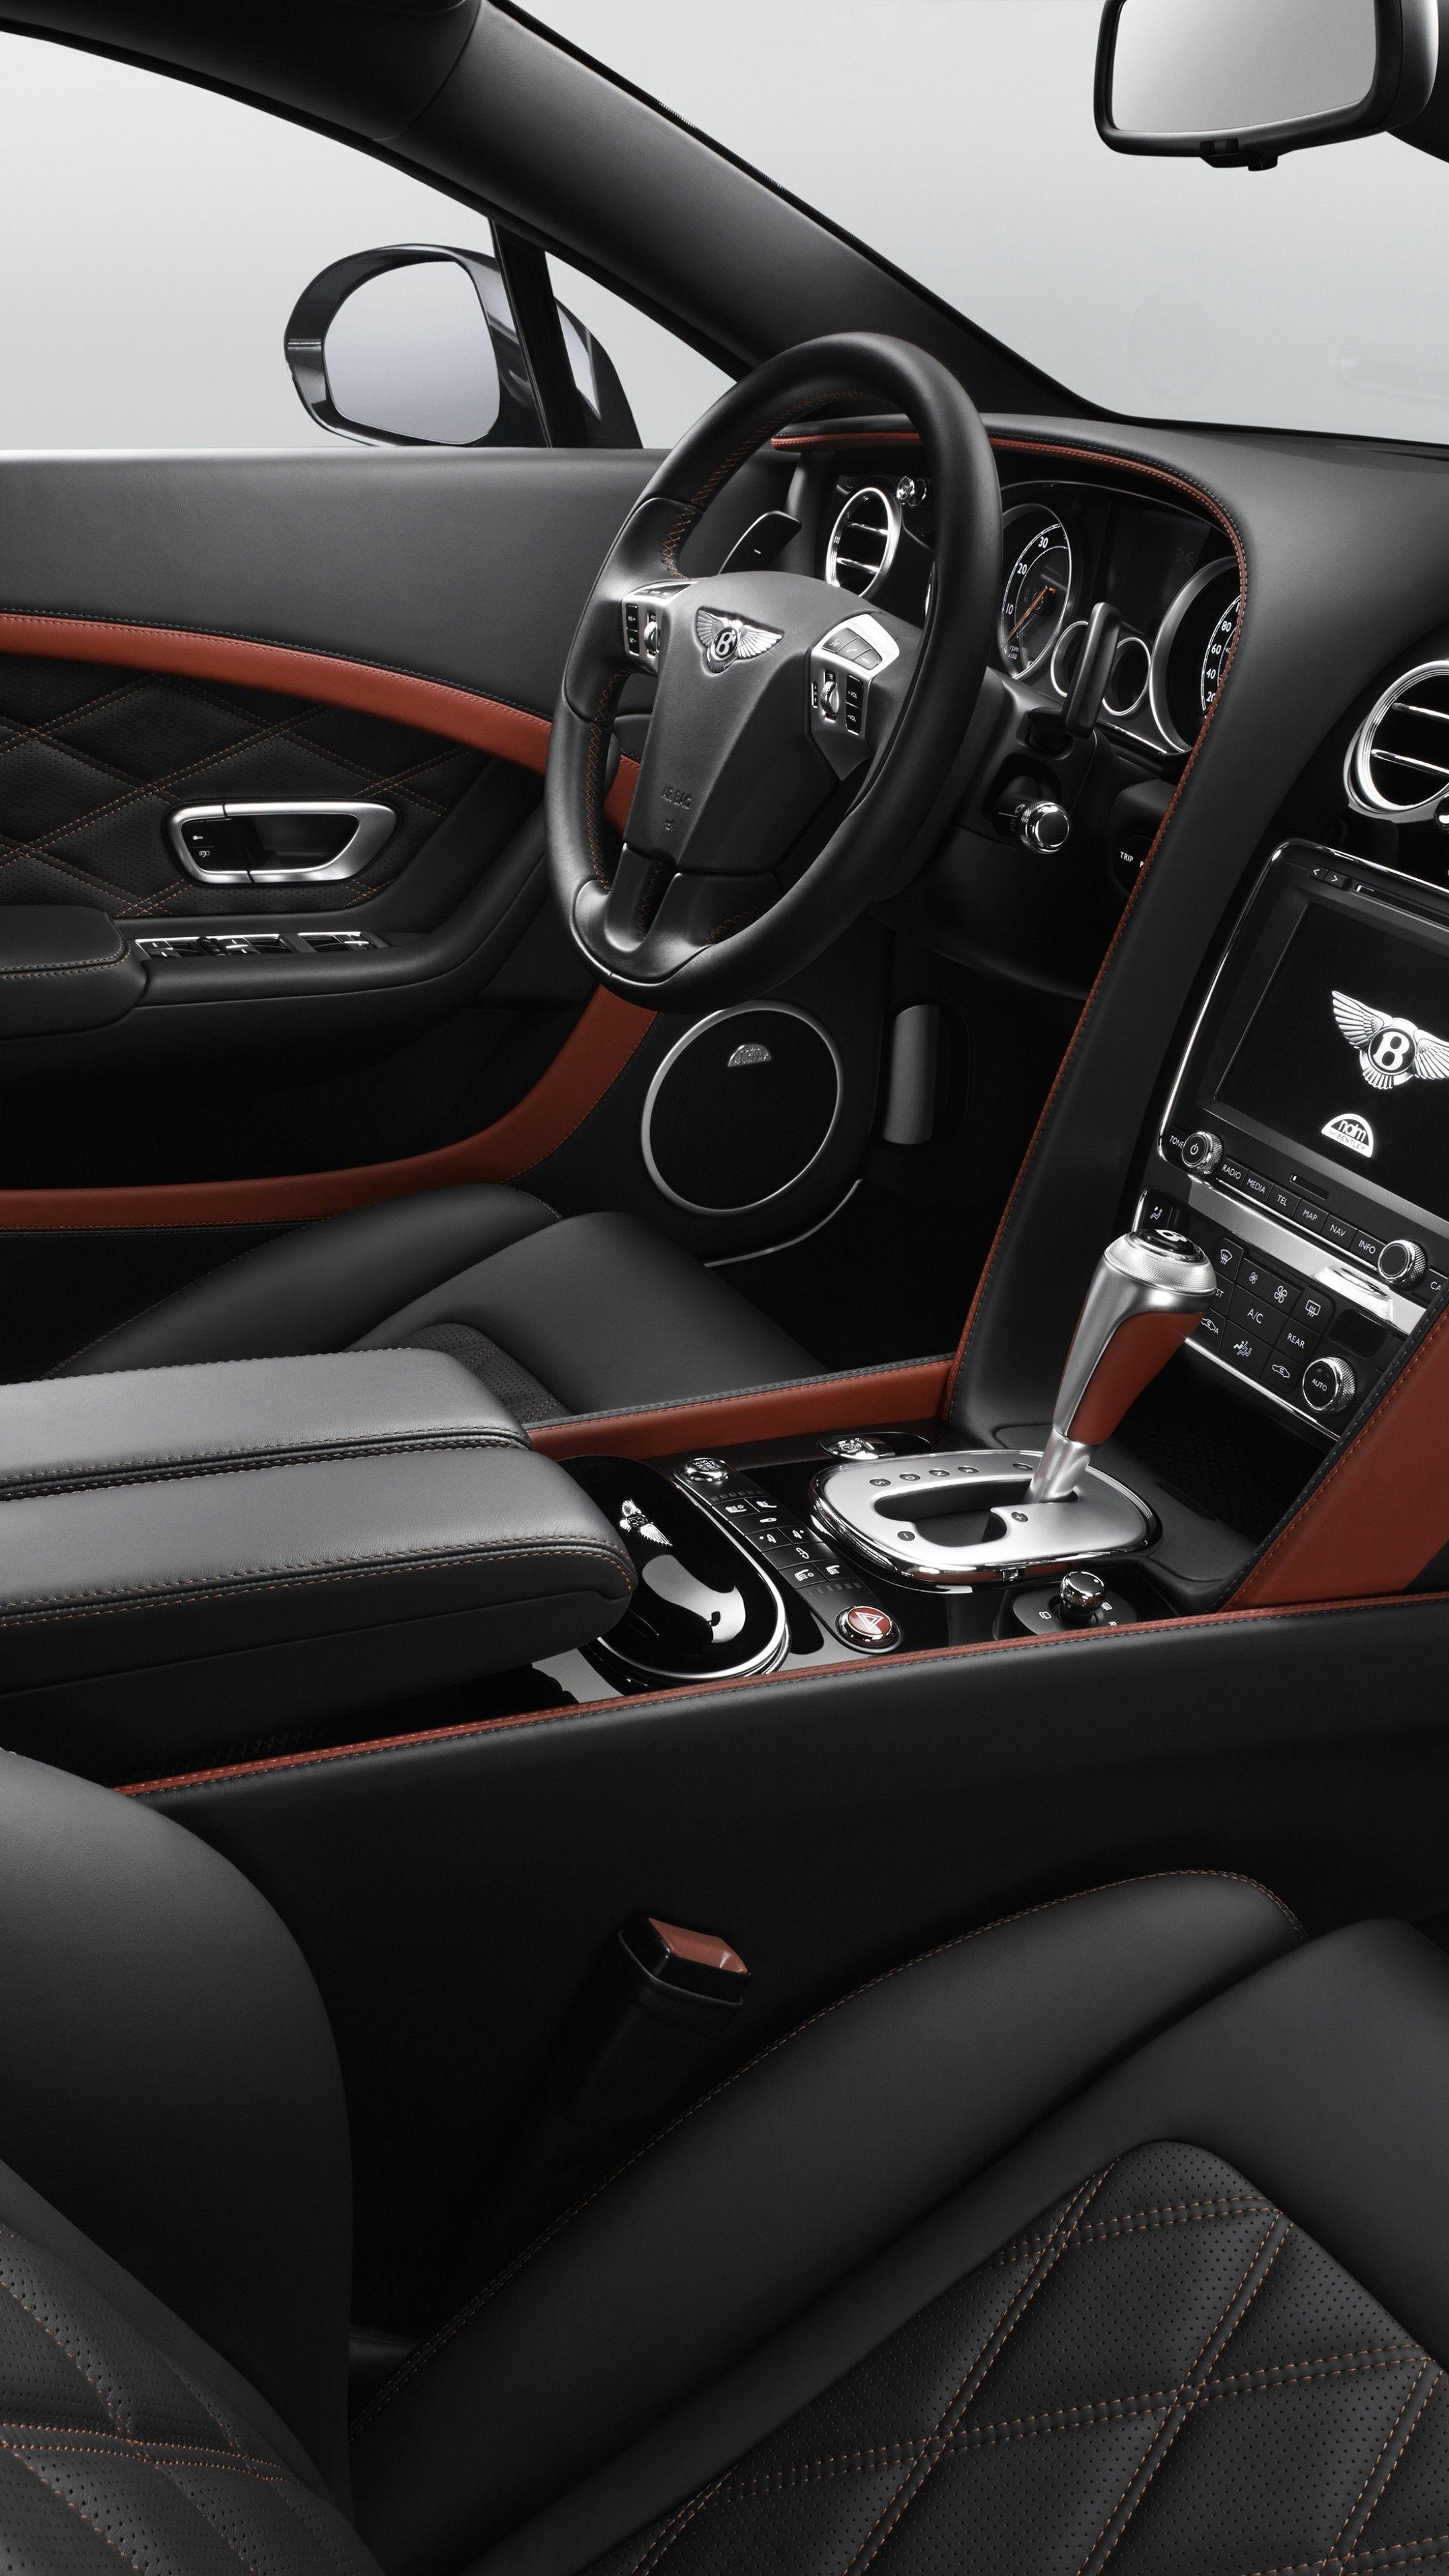 Bentley Interior Wallpapers Top Free Bentley Interior Backgrounds Wallpaperaccess